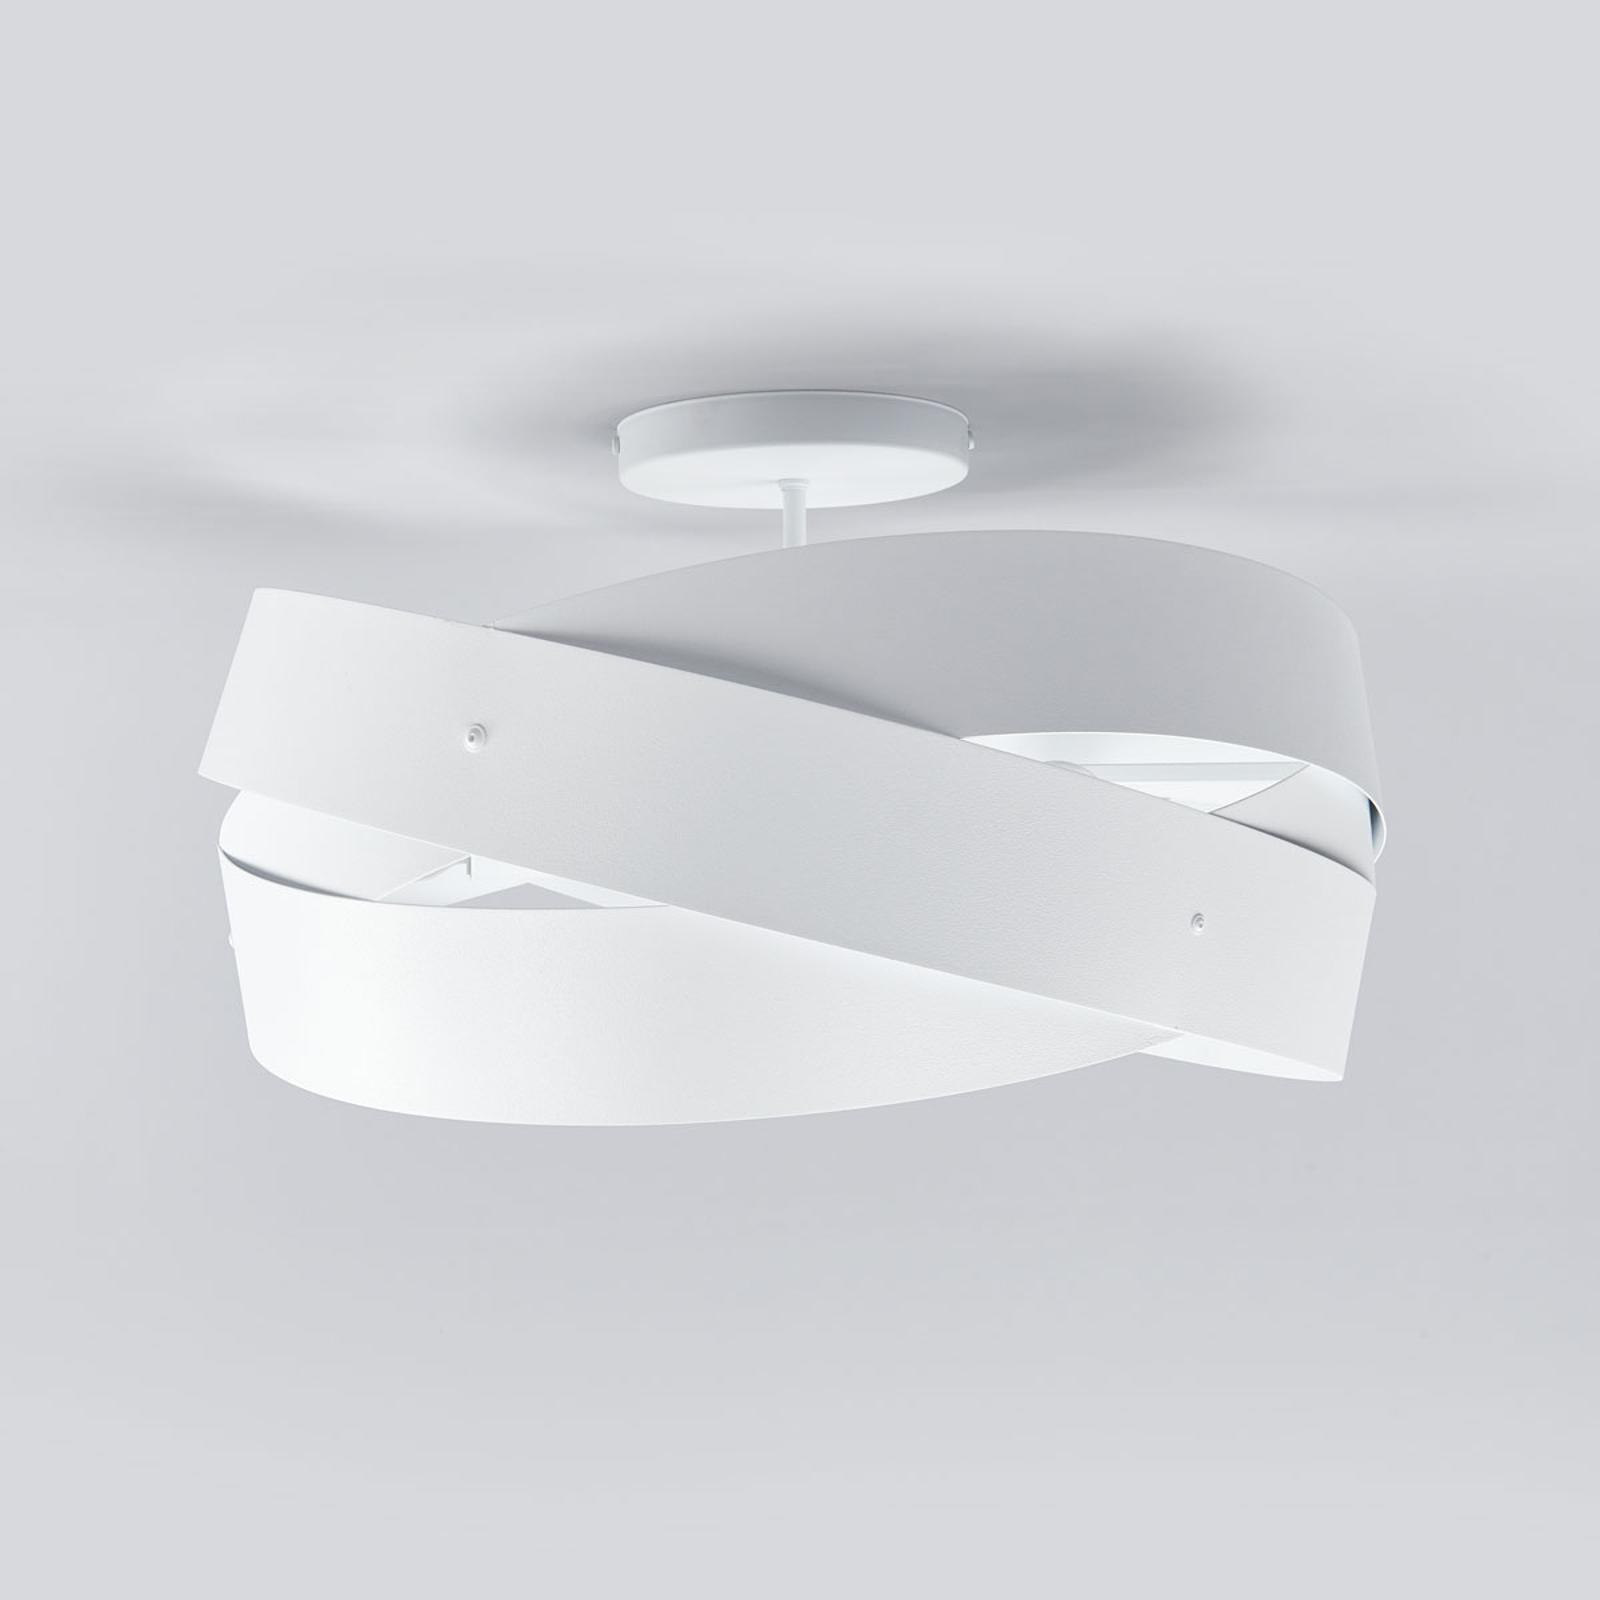 Tornado - fraai gevormde plafondlamp in het wit